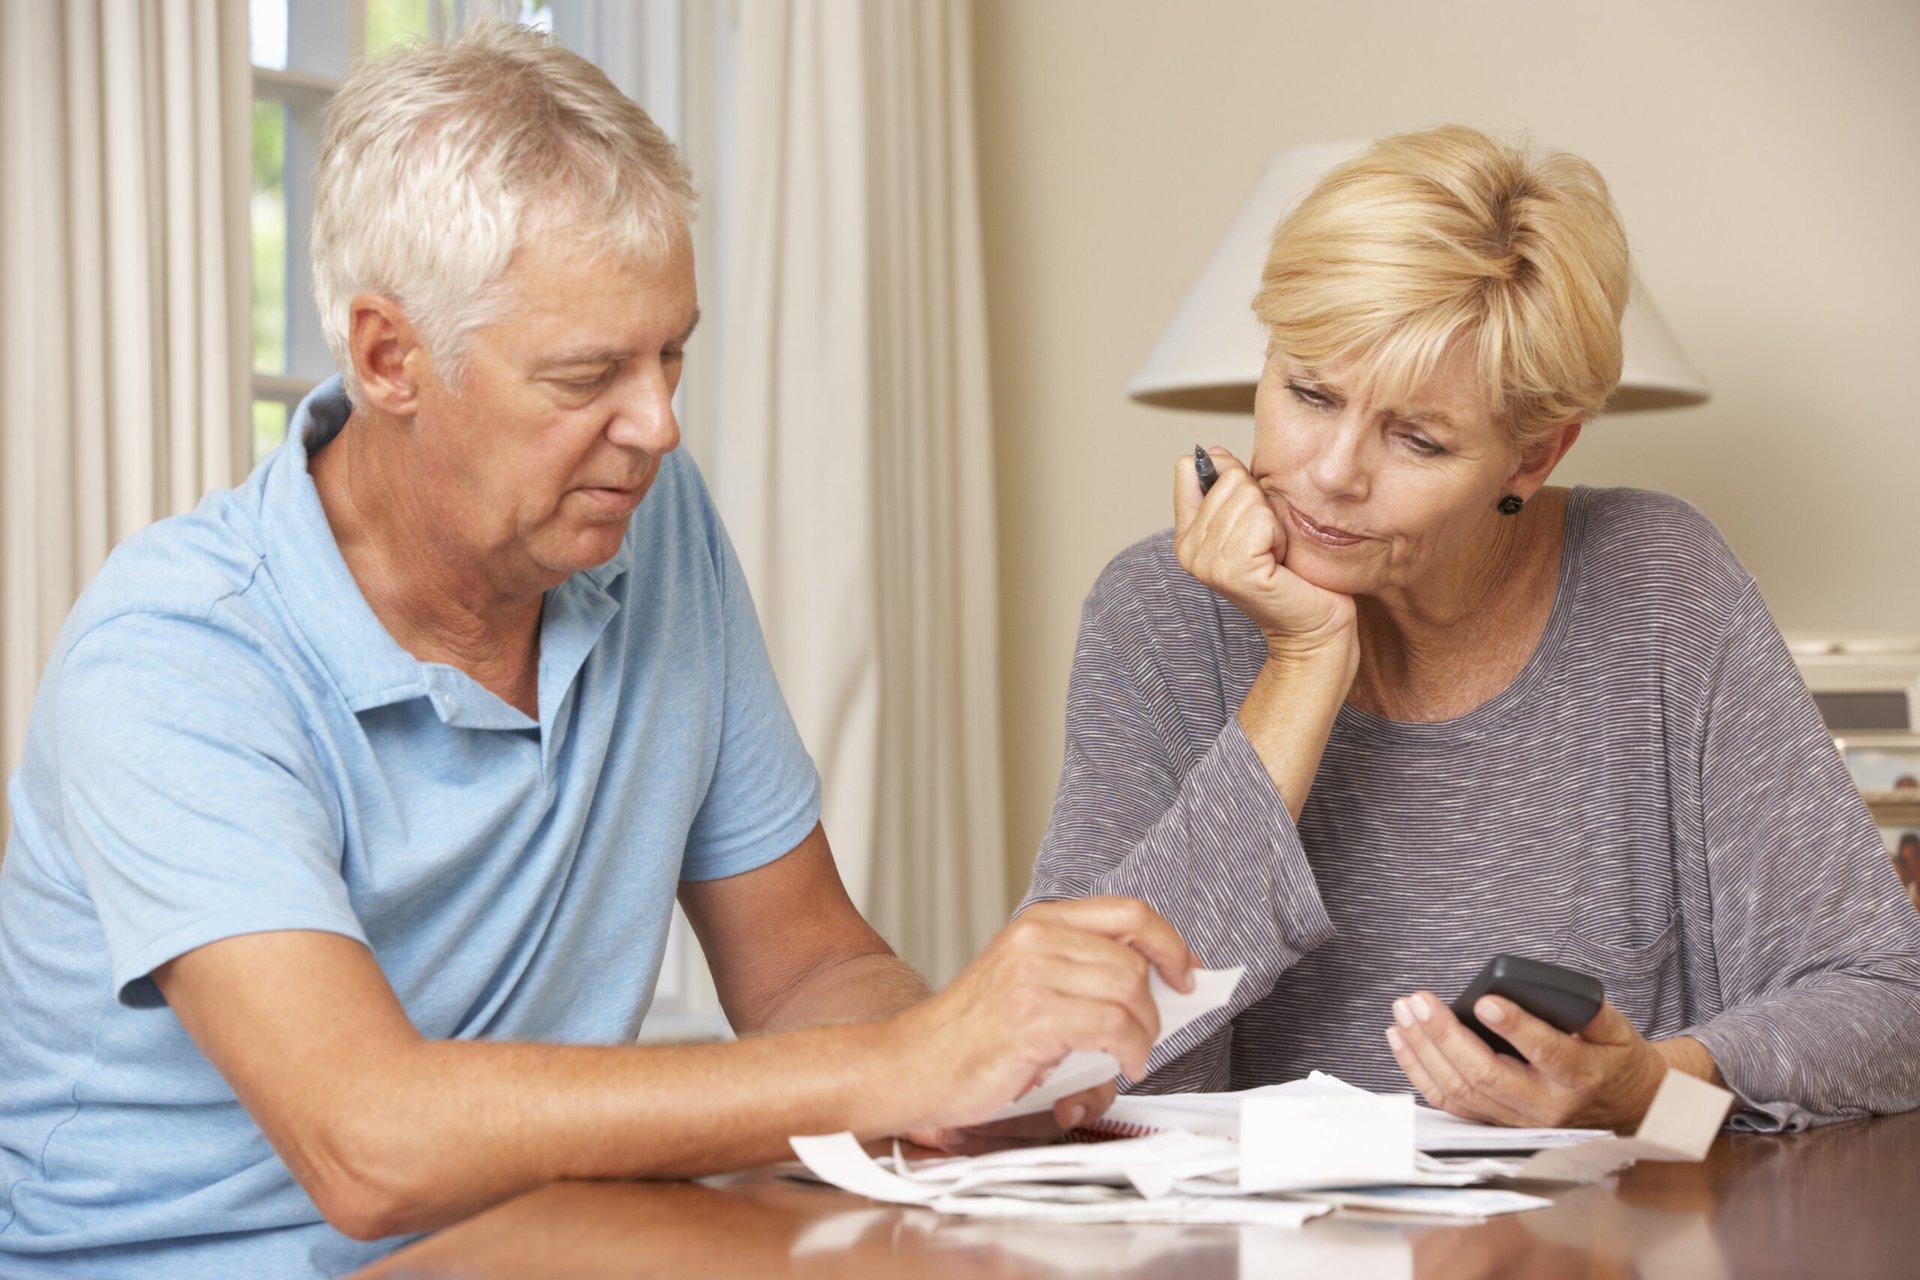 Senior couple examining their finances